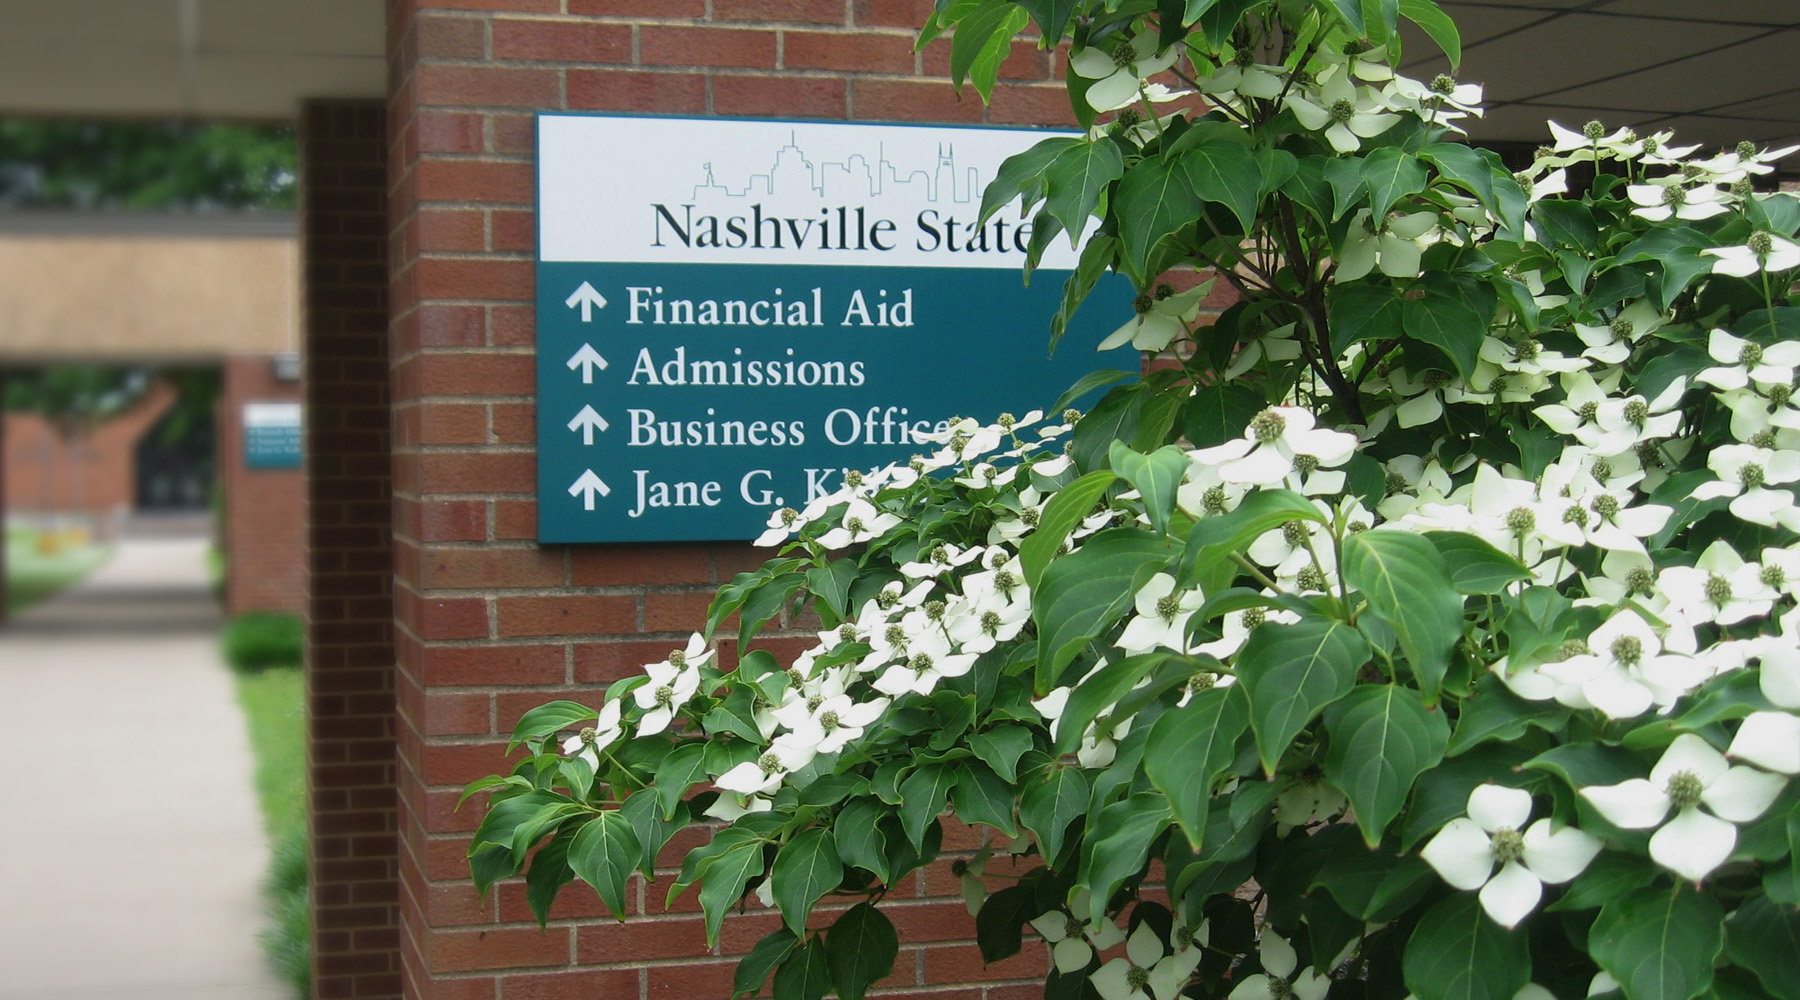 Main Campus Signage